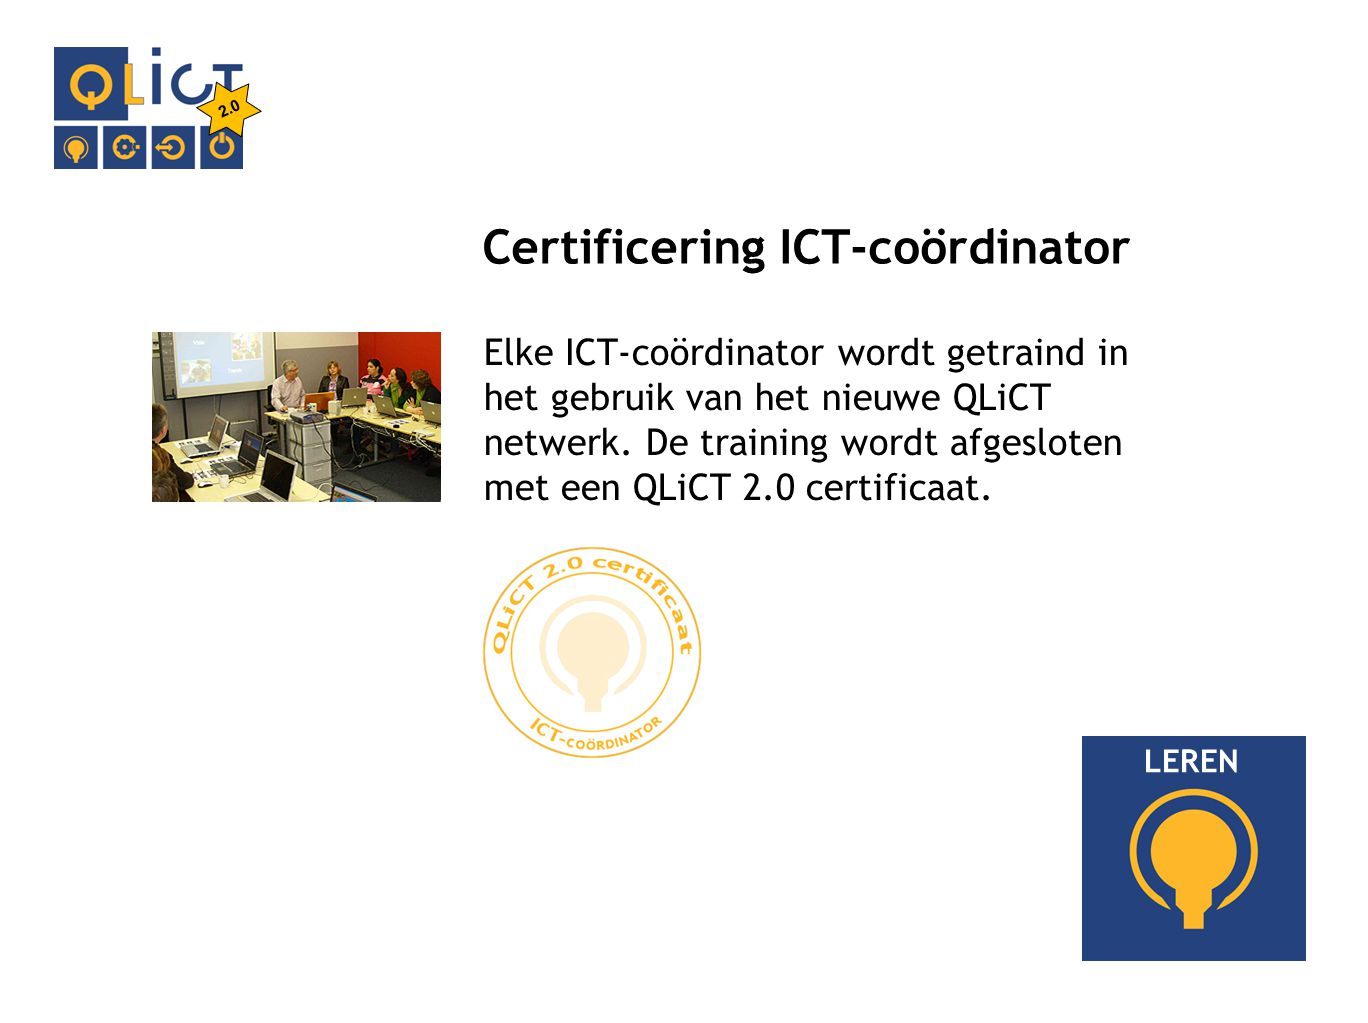 TECHNIEK LEREN Elke ICT-coördinator wordt getraind in het gebruik van het nieuwe QLiCT netwerk.